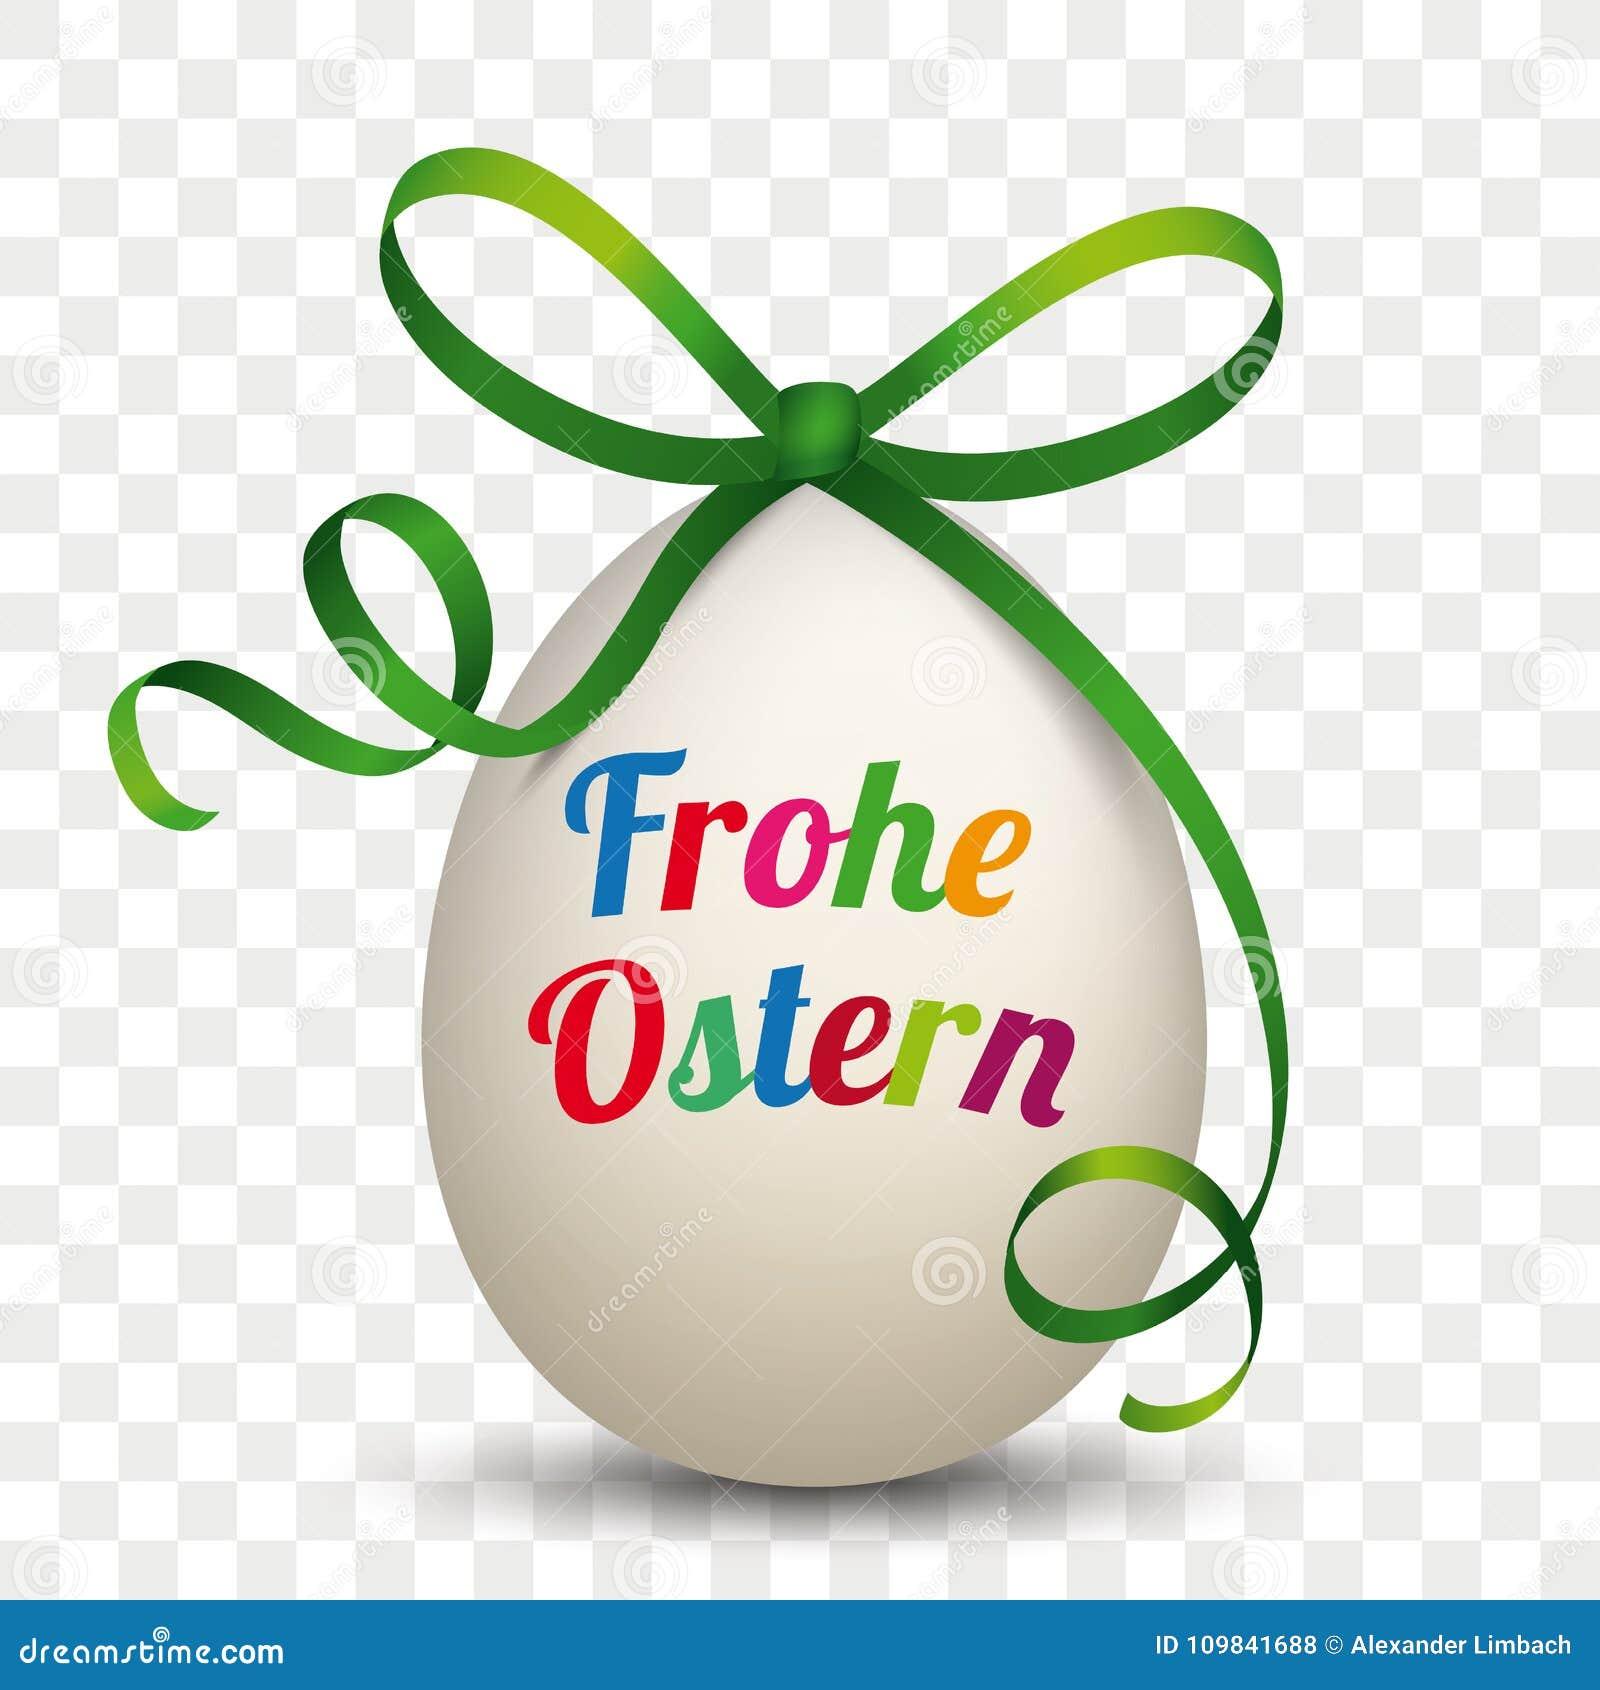 Natürliches Ei-Grün-Band Frohe Ostern transparent